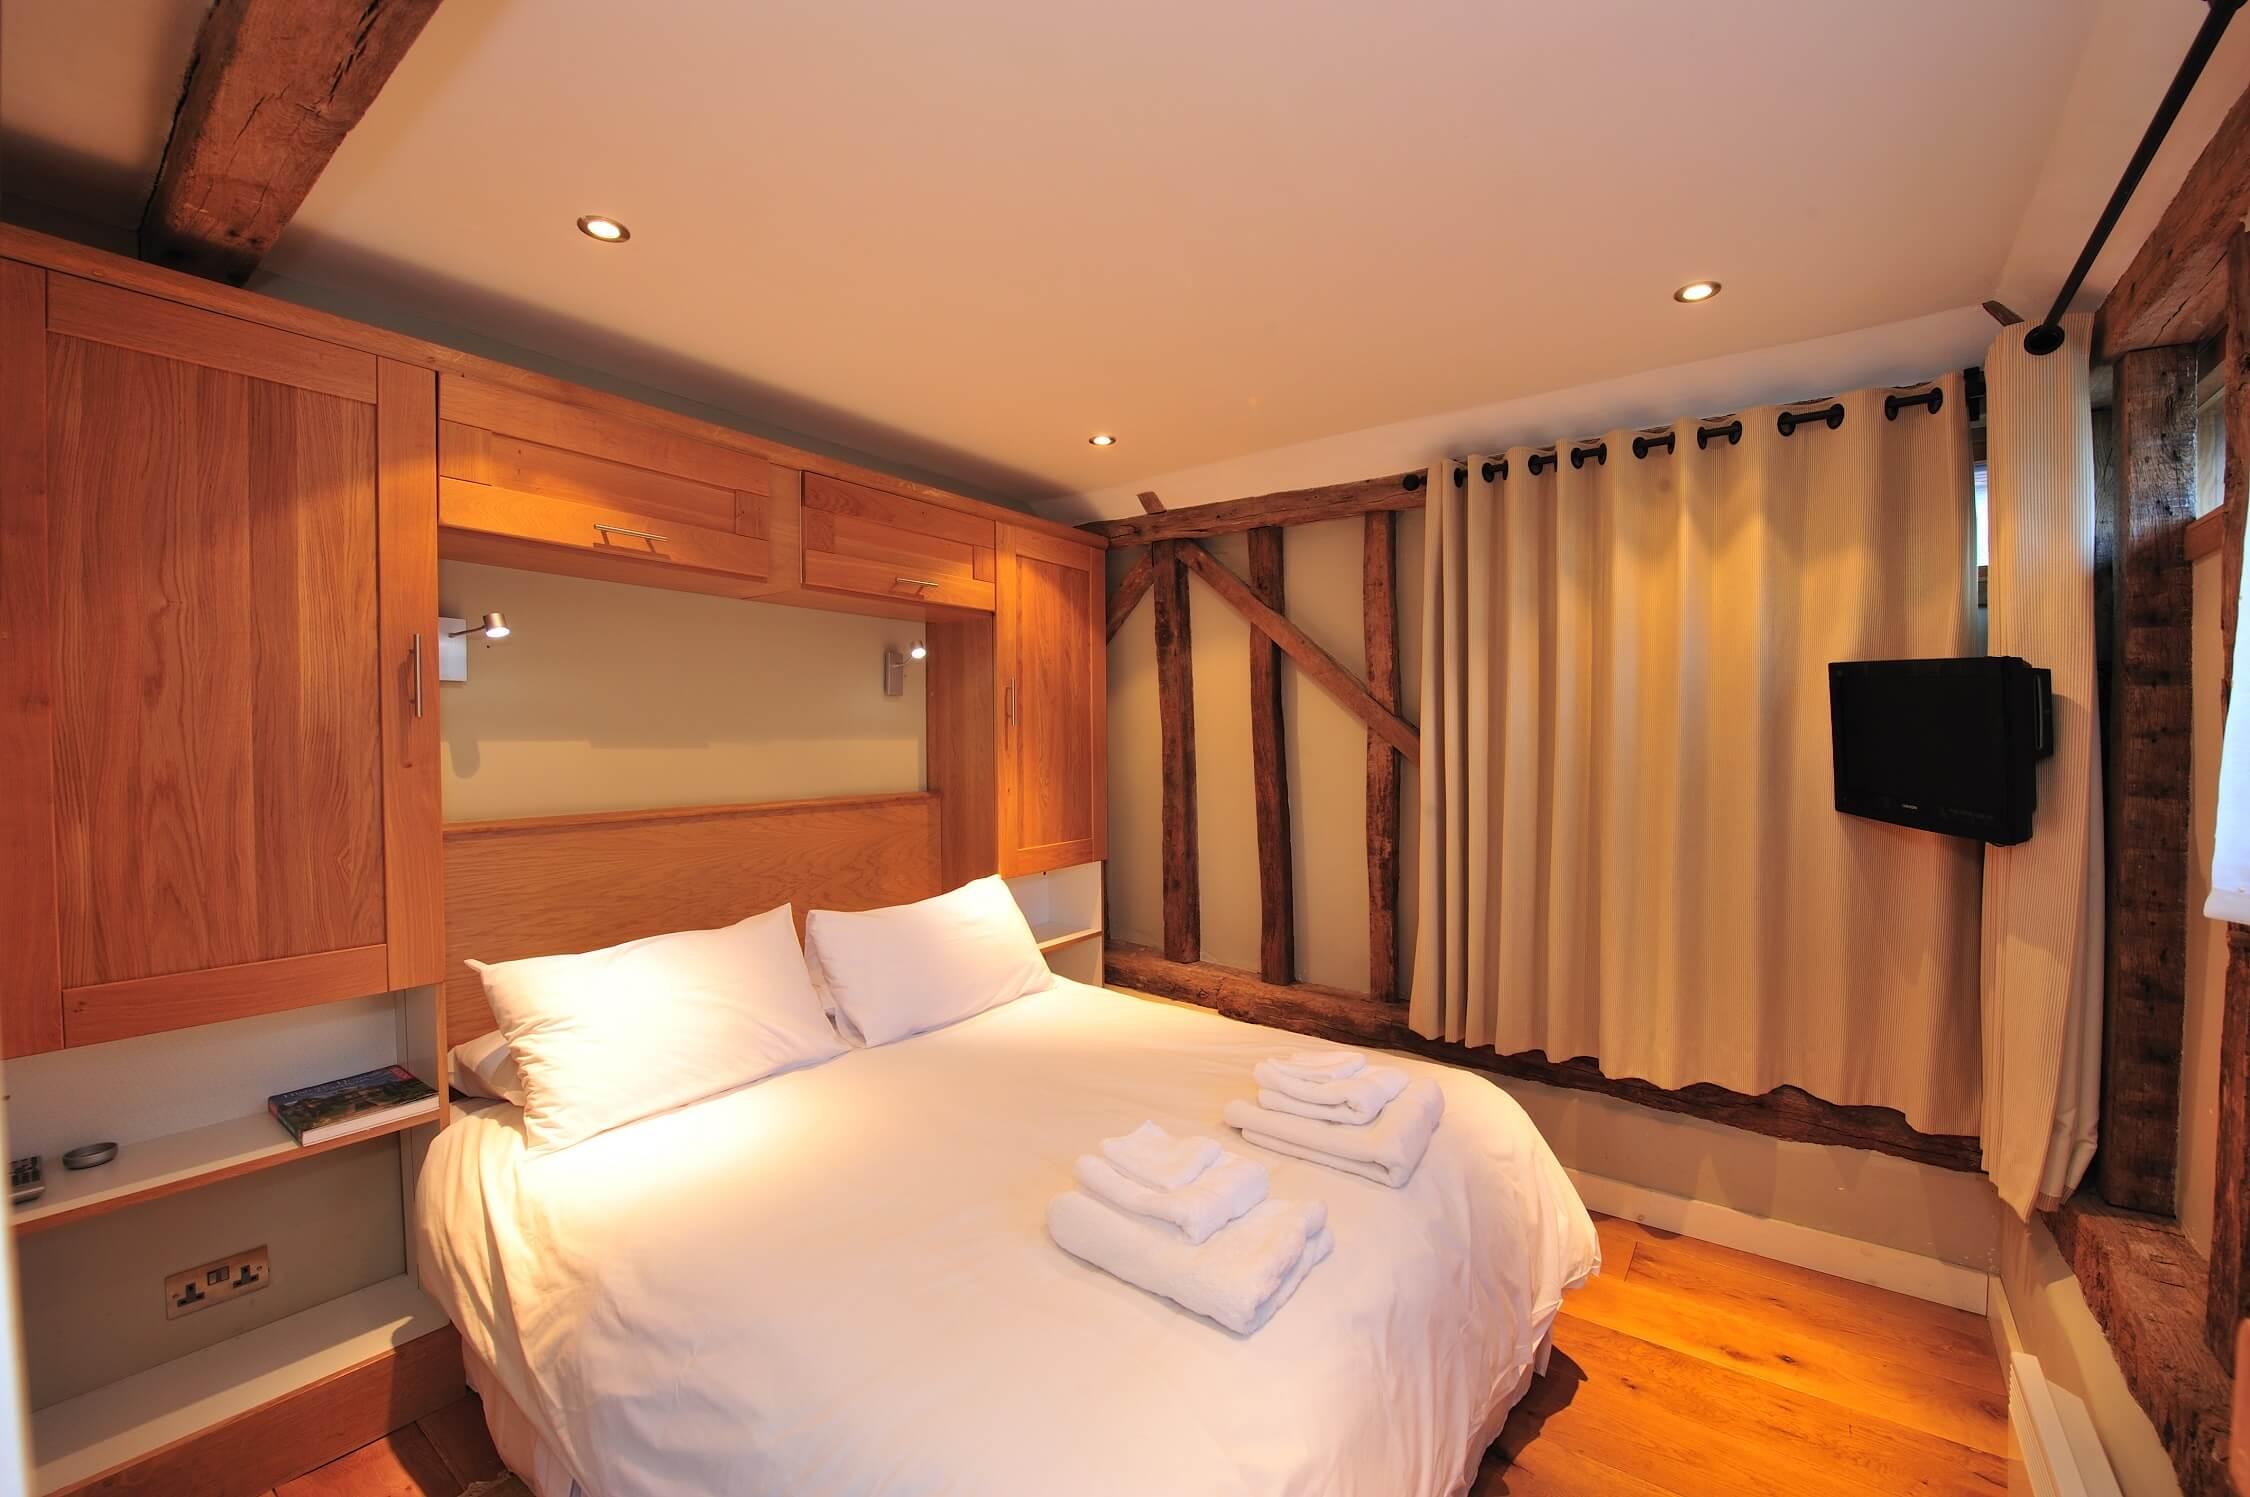 Fair Oak Farm - Grain store bedroom